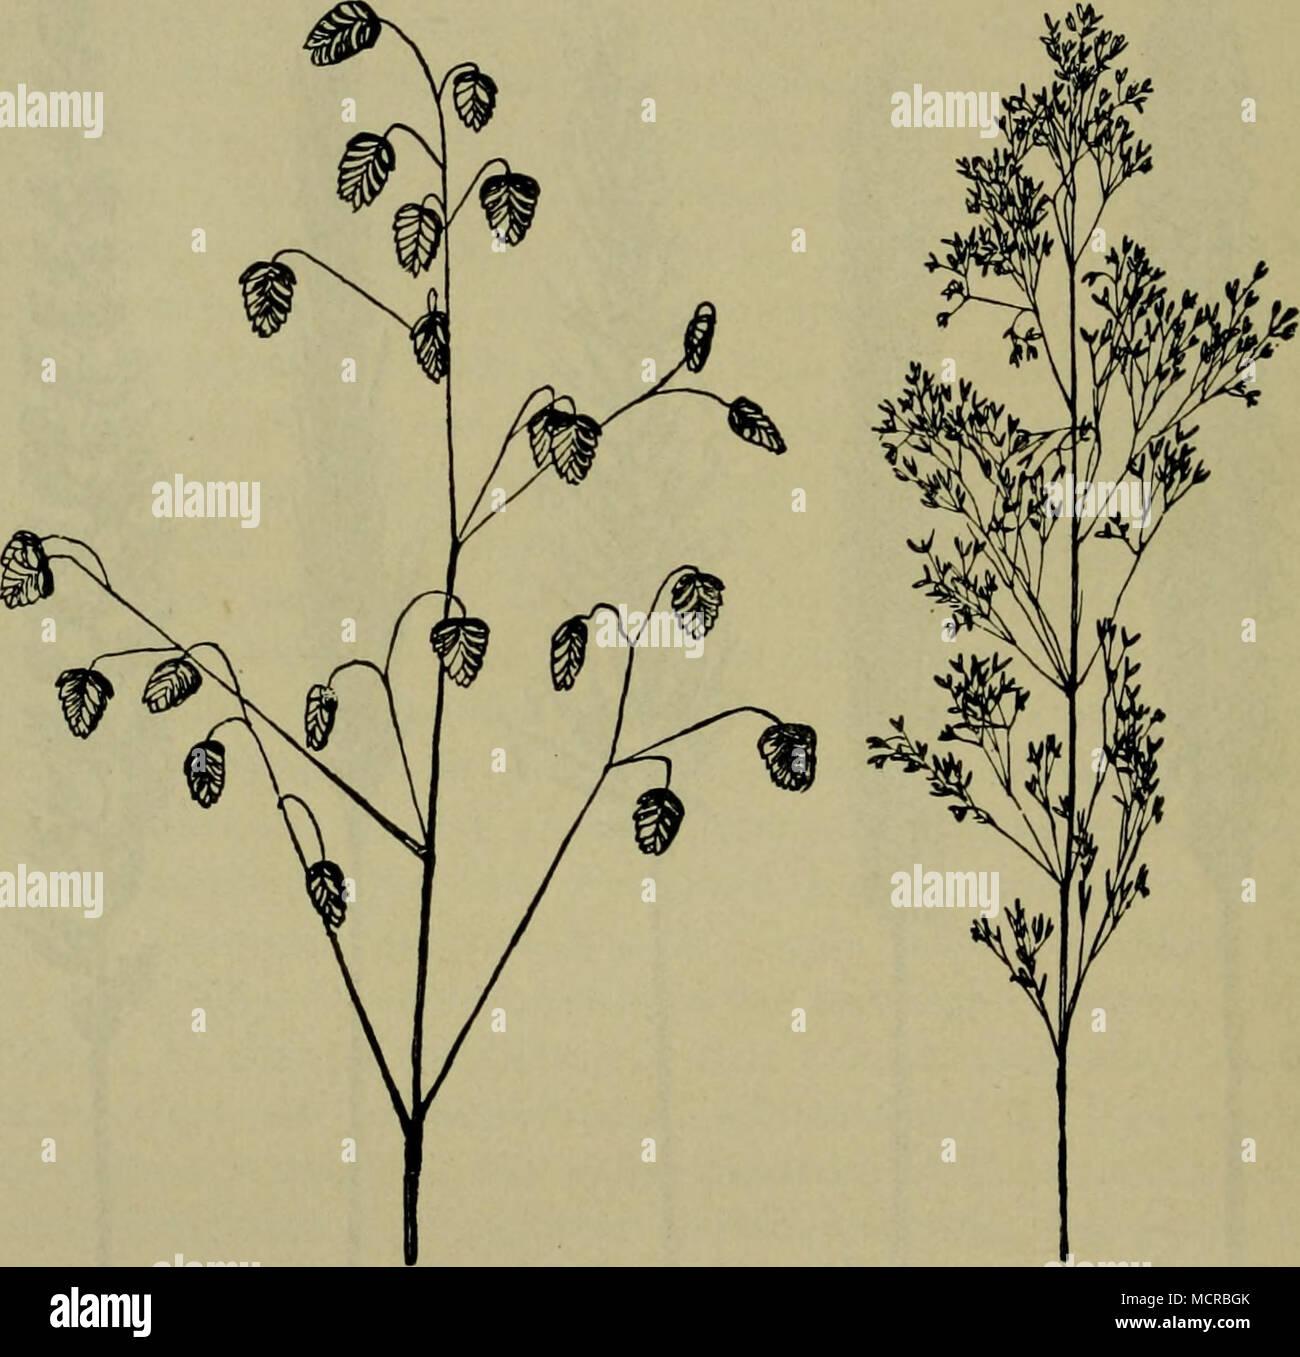 . Fig. 6i. Briza media. Zittergras. (Aus Schmeil.) Fig. 62. Agrostis vulgaris, Fiorin-, Straußgras. (Aus_^Schmeil.) Sauergräser Cyperaceen, finden sich nur verhältnismäßig wenig hier, hin und wieder Scirpus holoschoenus, die Seggen Carex muricata, C. leporina (Hasenfuß), C. Hornschuchiana, C. caespitosa, C. Gooden- oughii (C. vulgaris), C. tomentosa, C. glauca, C. distans, C. hirta etc. Dazu gesellen sich einige Binsen, so Juncus glaucus, J. tenuis und J. compressus meist auf Wegen. Von ansehnlichen und bemerkens- werten Arten anderer Familien wären dann aufzuführen eine Simse Luzula Sudetica, - Stock Image